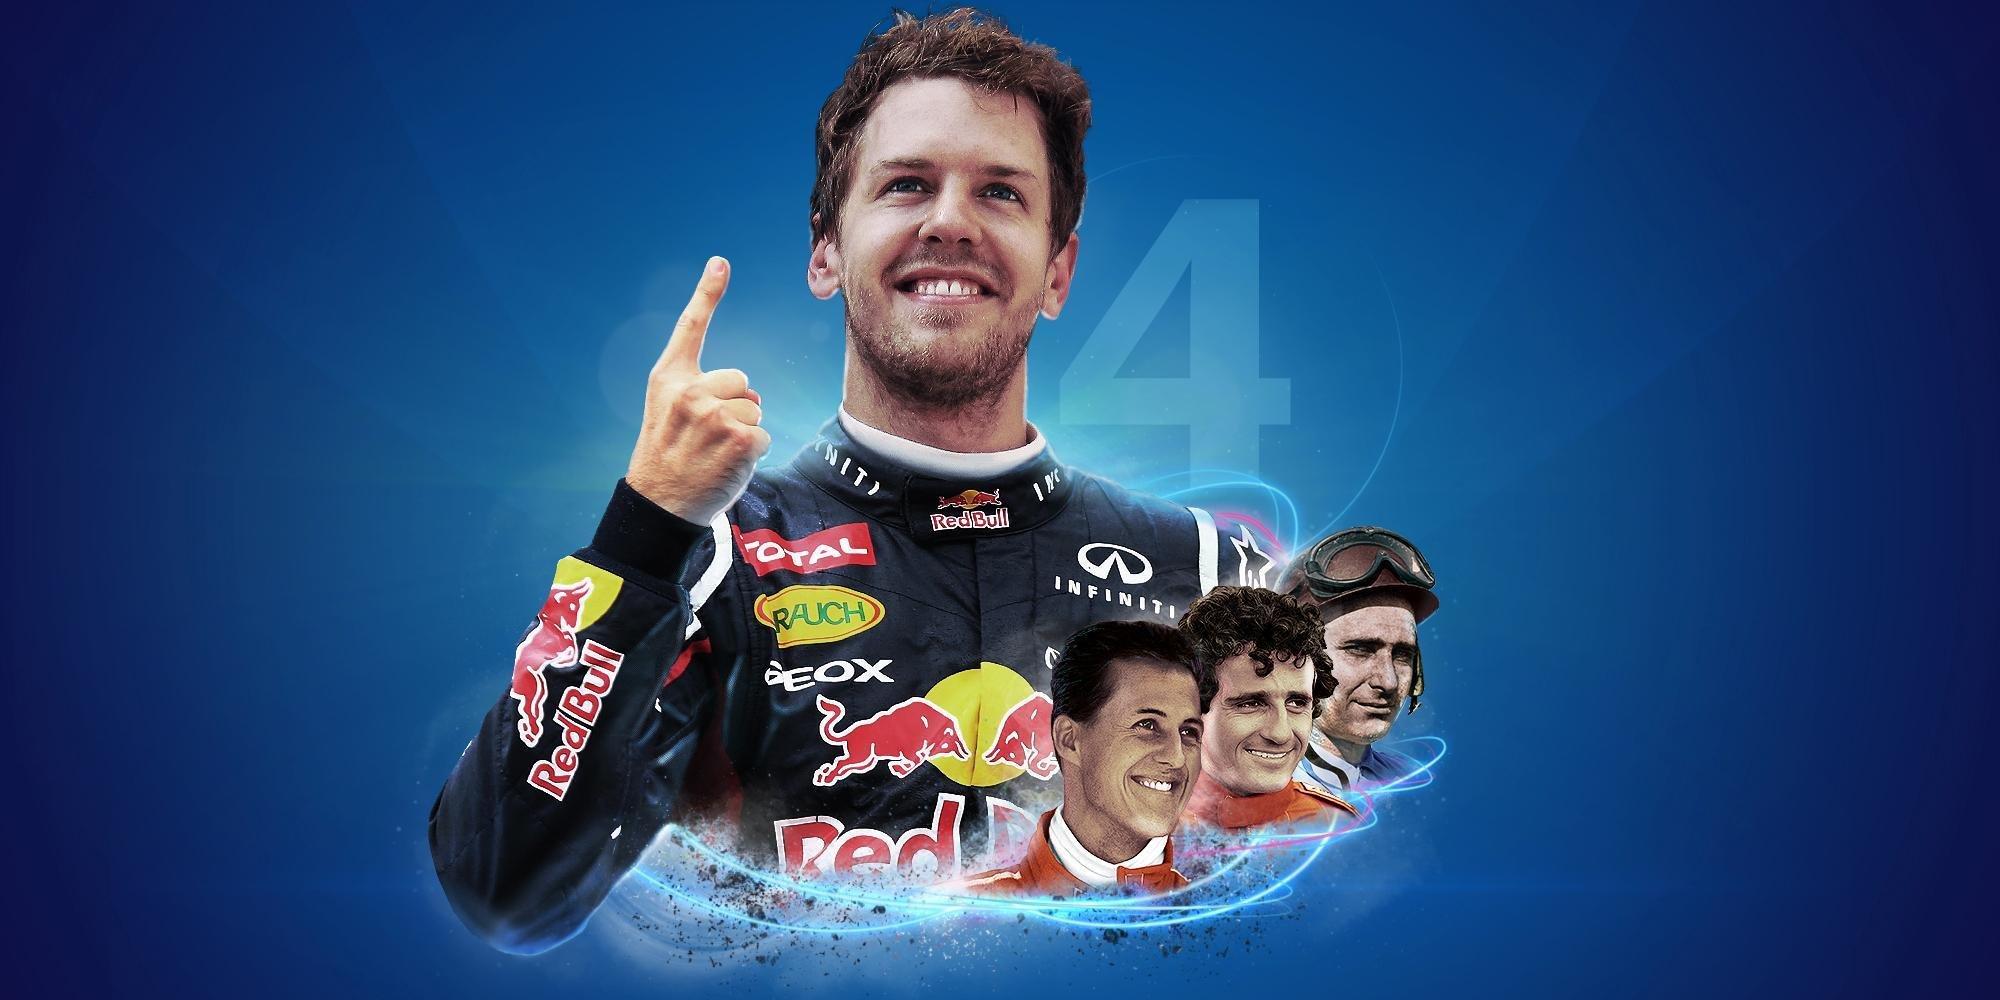 Med tittel nummer 4 i boks etter 2013-sesongen, var det bare Fangio, Prost og Schumacher som hadde flere VM-titler enn Vettel.